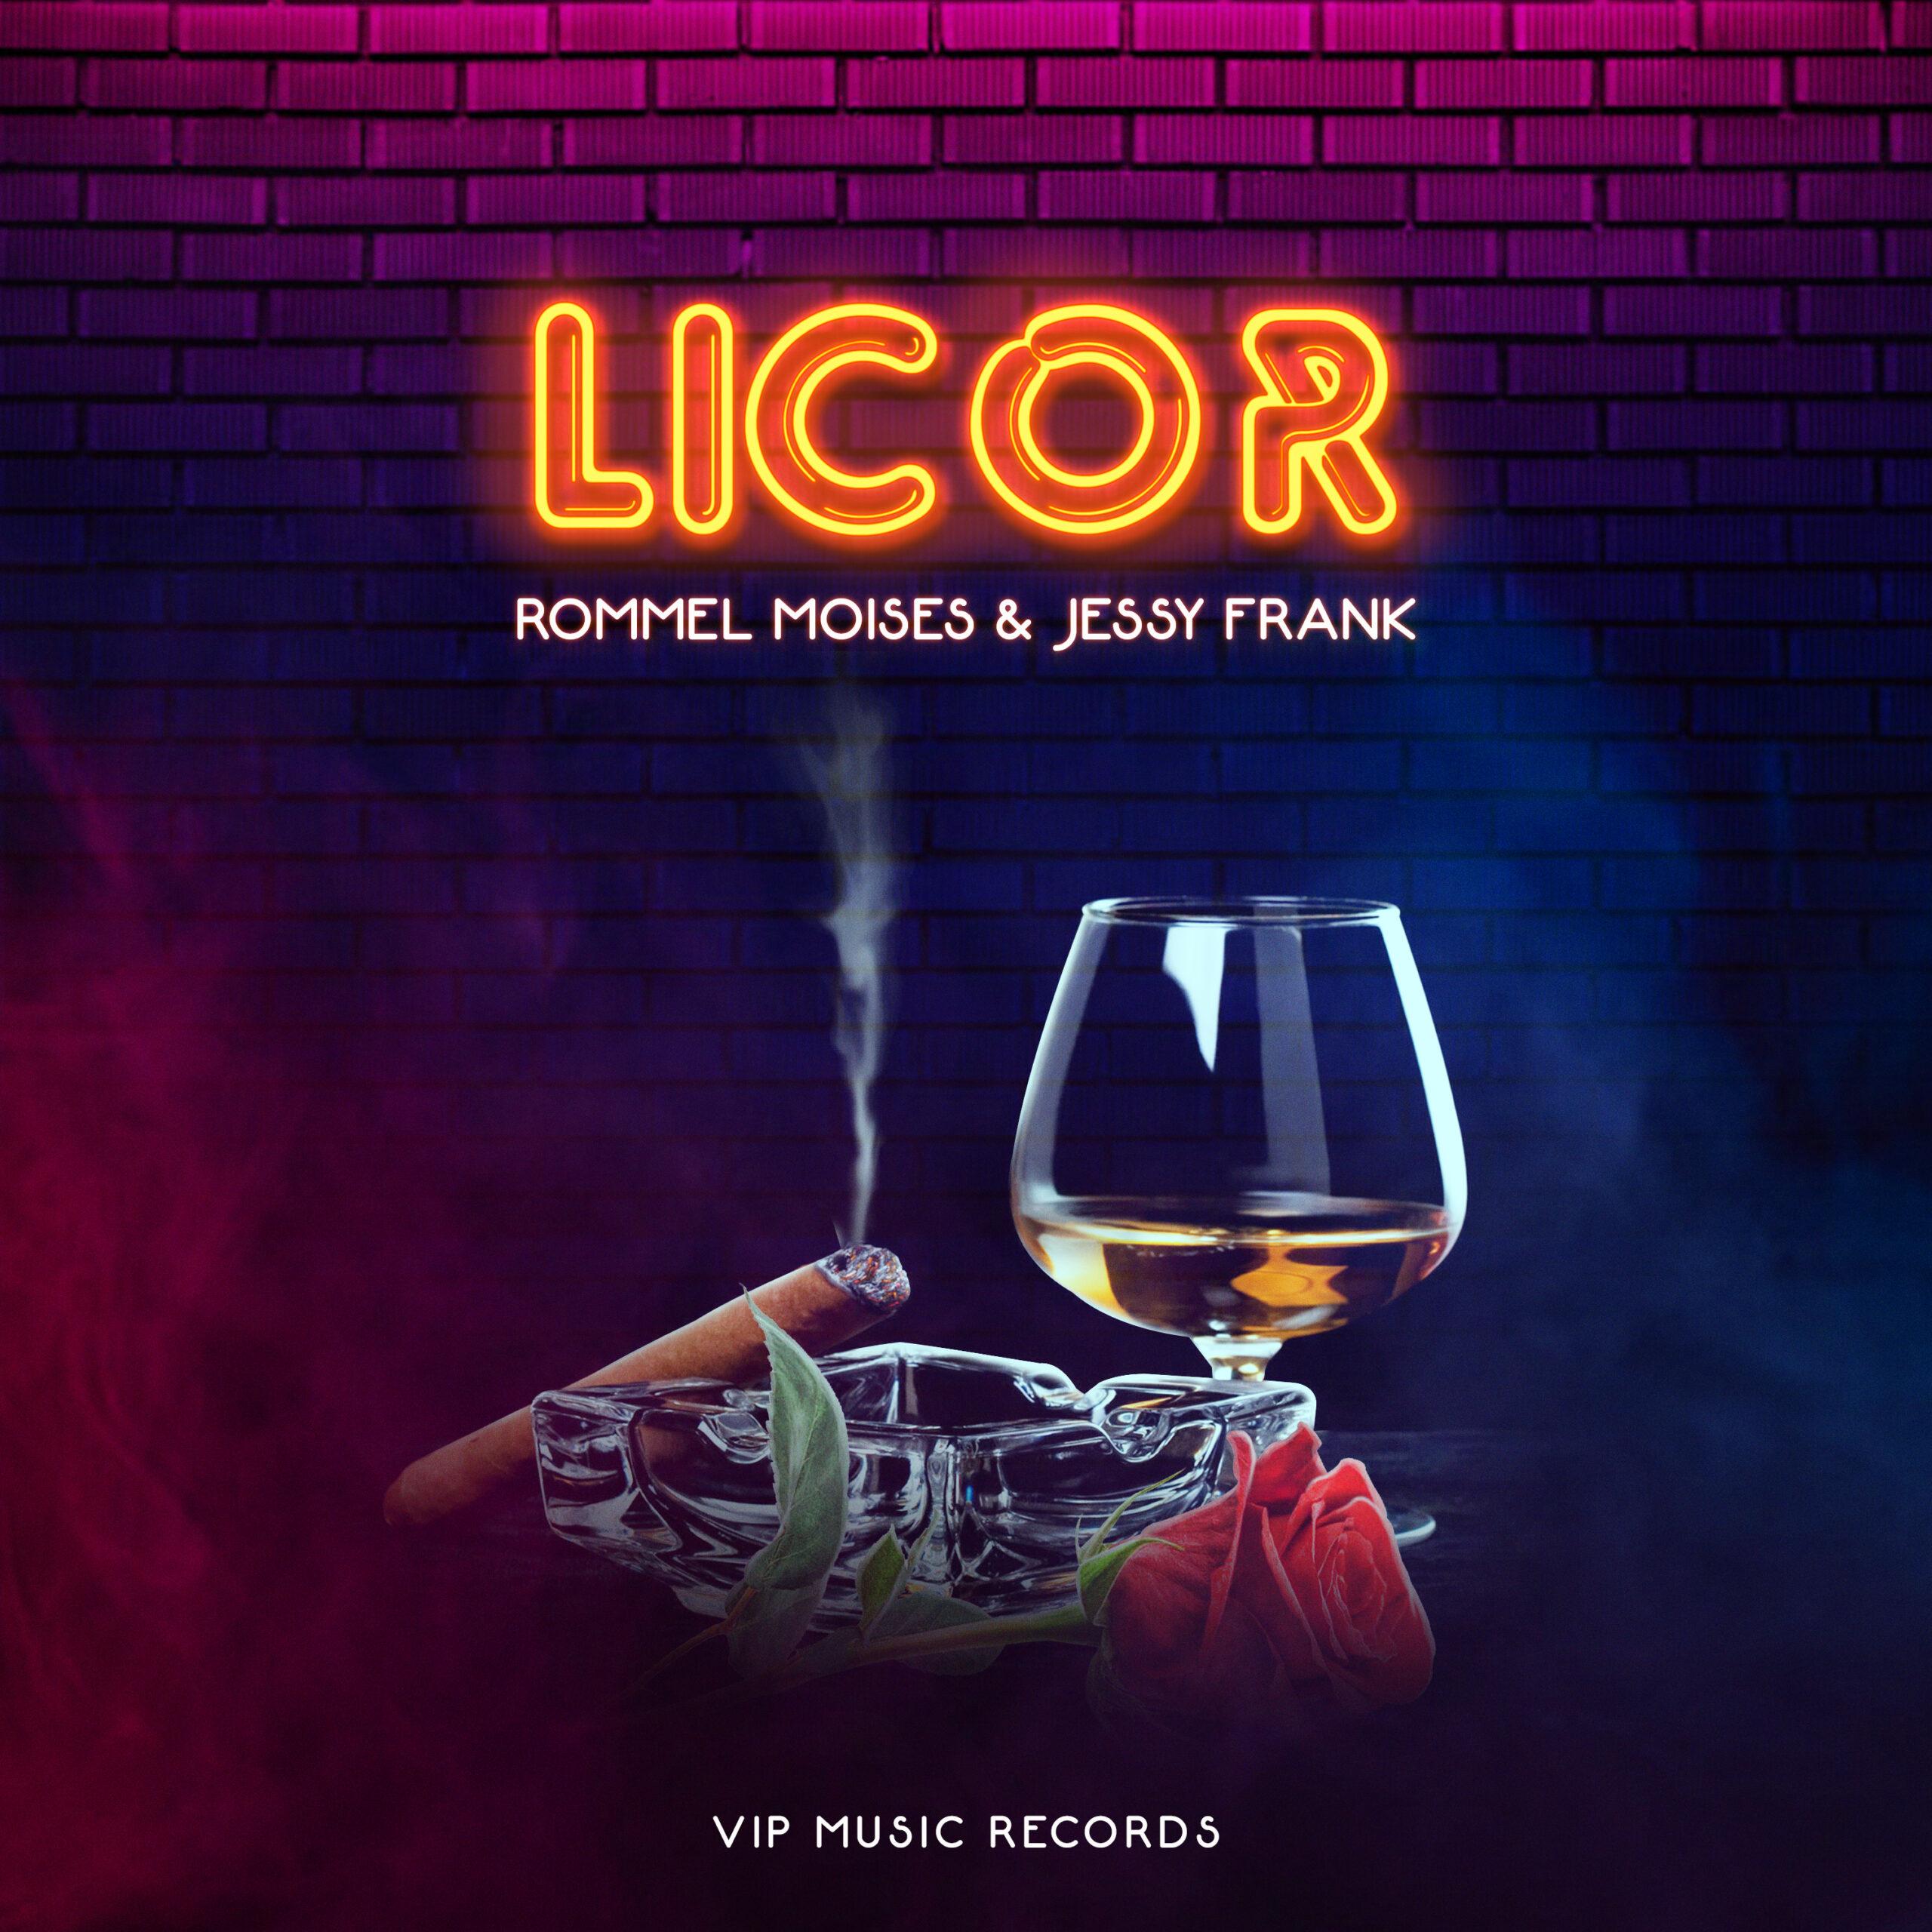 Licor - Rommel Moises & Jessy Frank